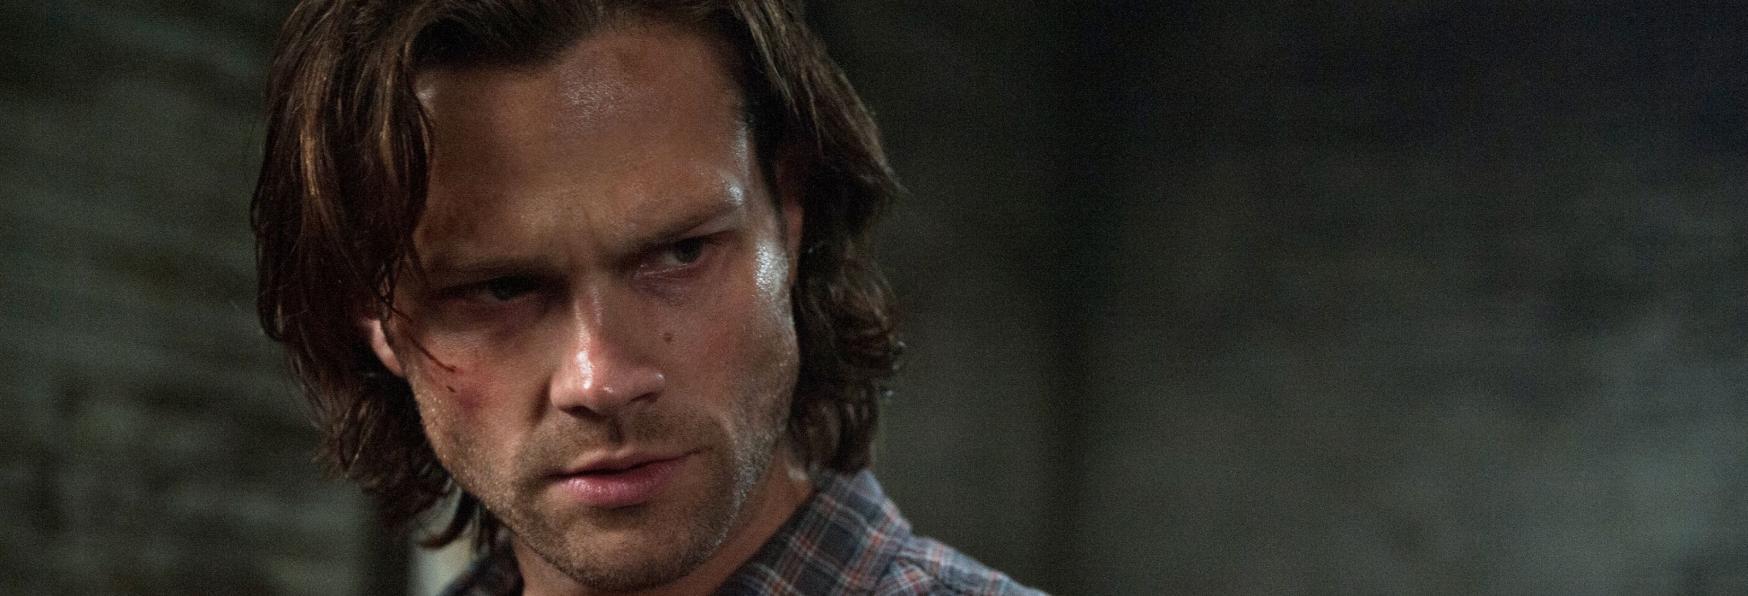 Walker Texas Ranger: gli ultimi Aggiornamenti sul Reboot della Serie TV con Jared Padalecki